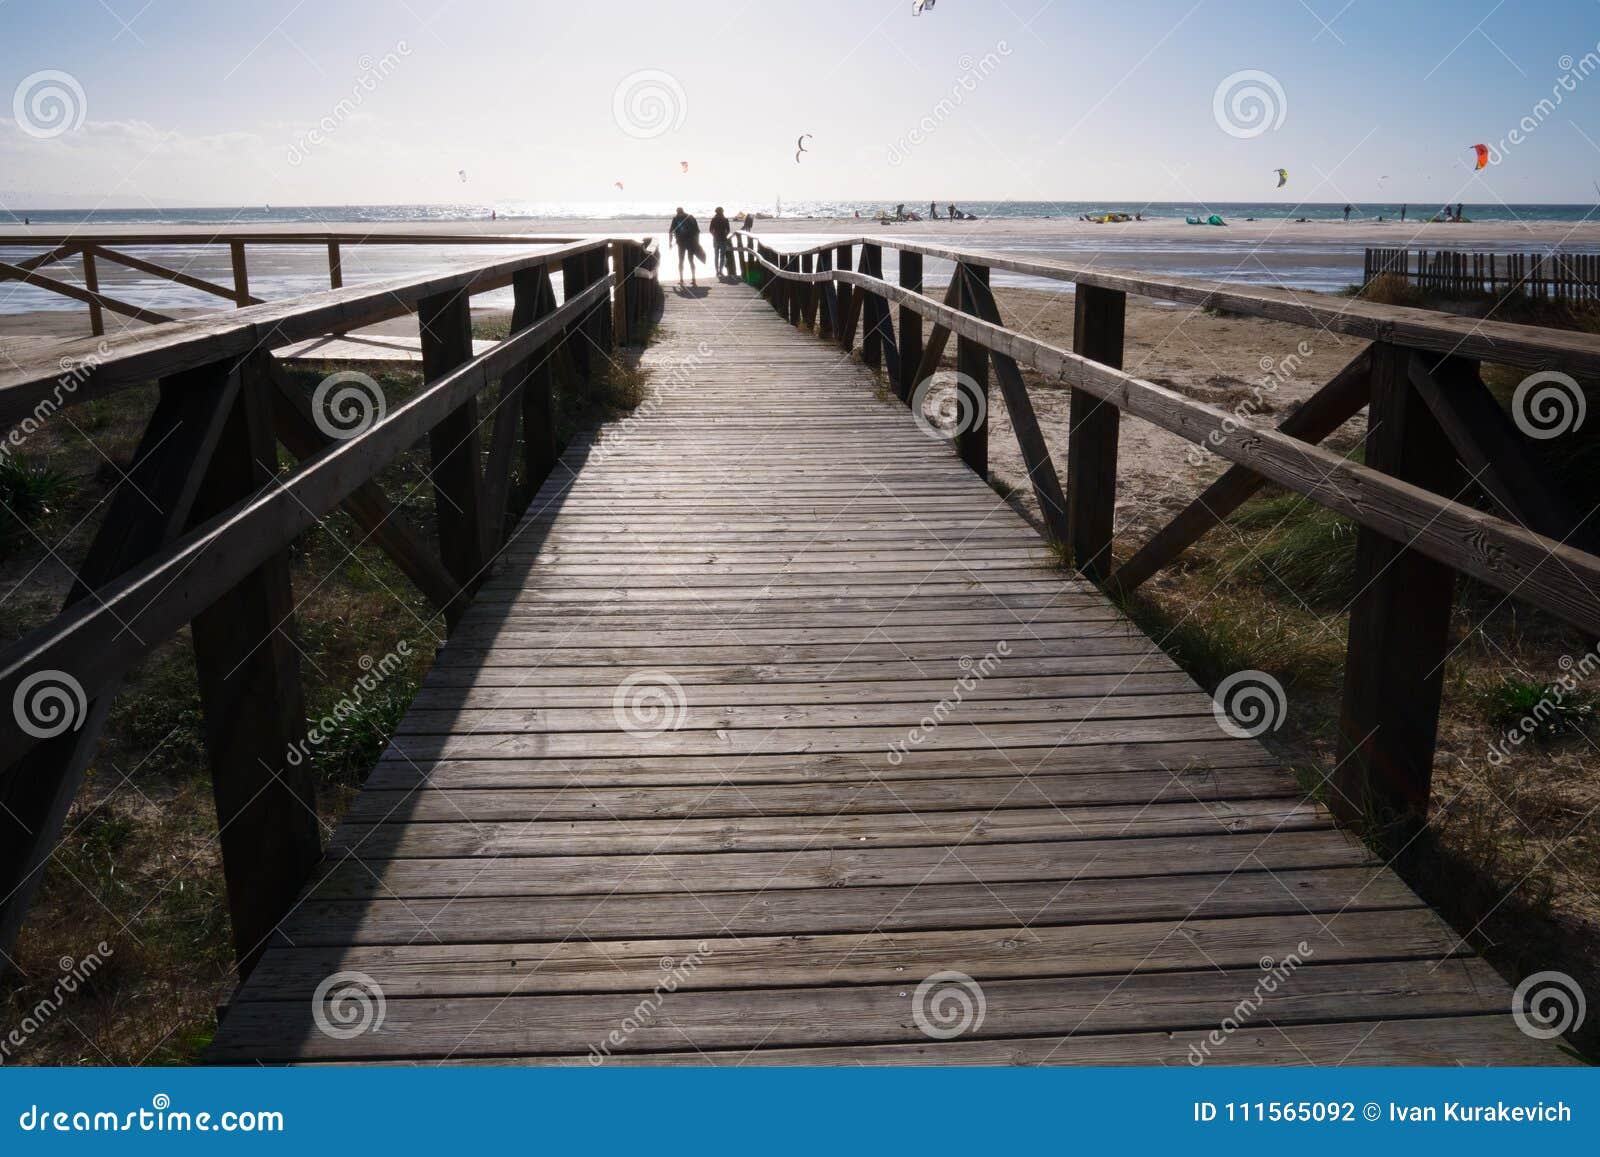 Ξύλινη γέφυρα στην παραλία με τα σκοτεινά σύννεφα πριν από τη θύελλα Tarifa, Ισπανία